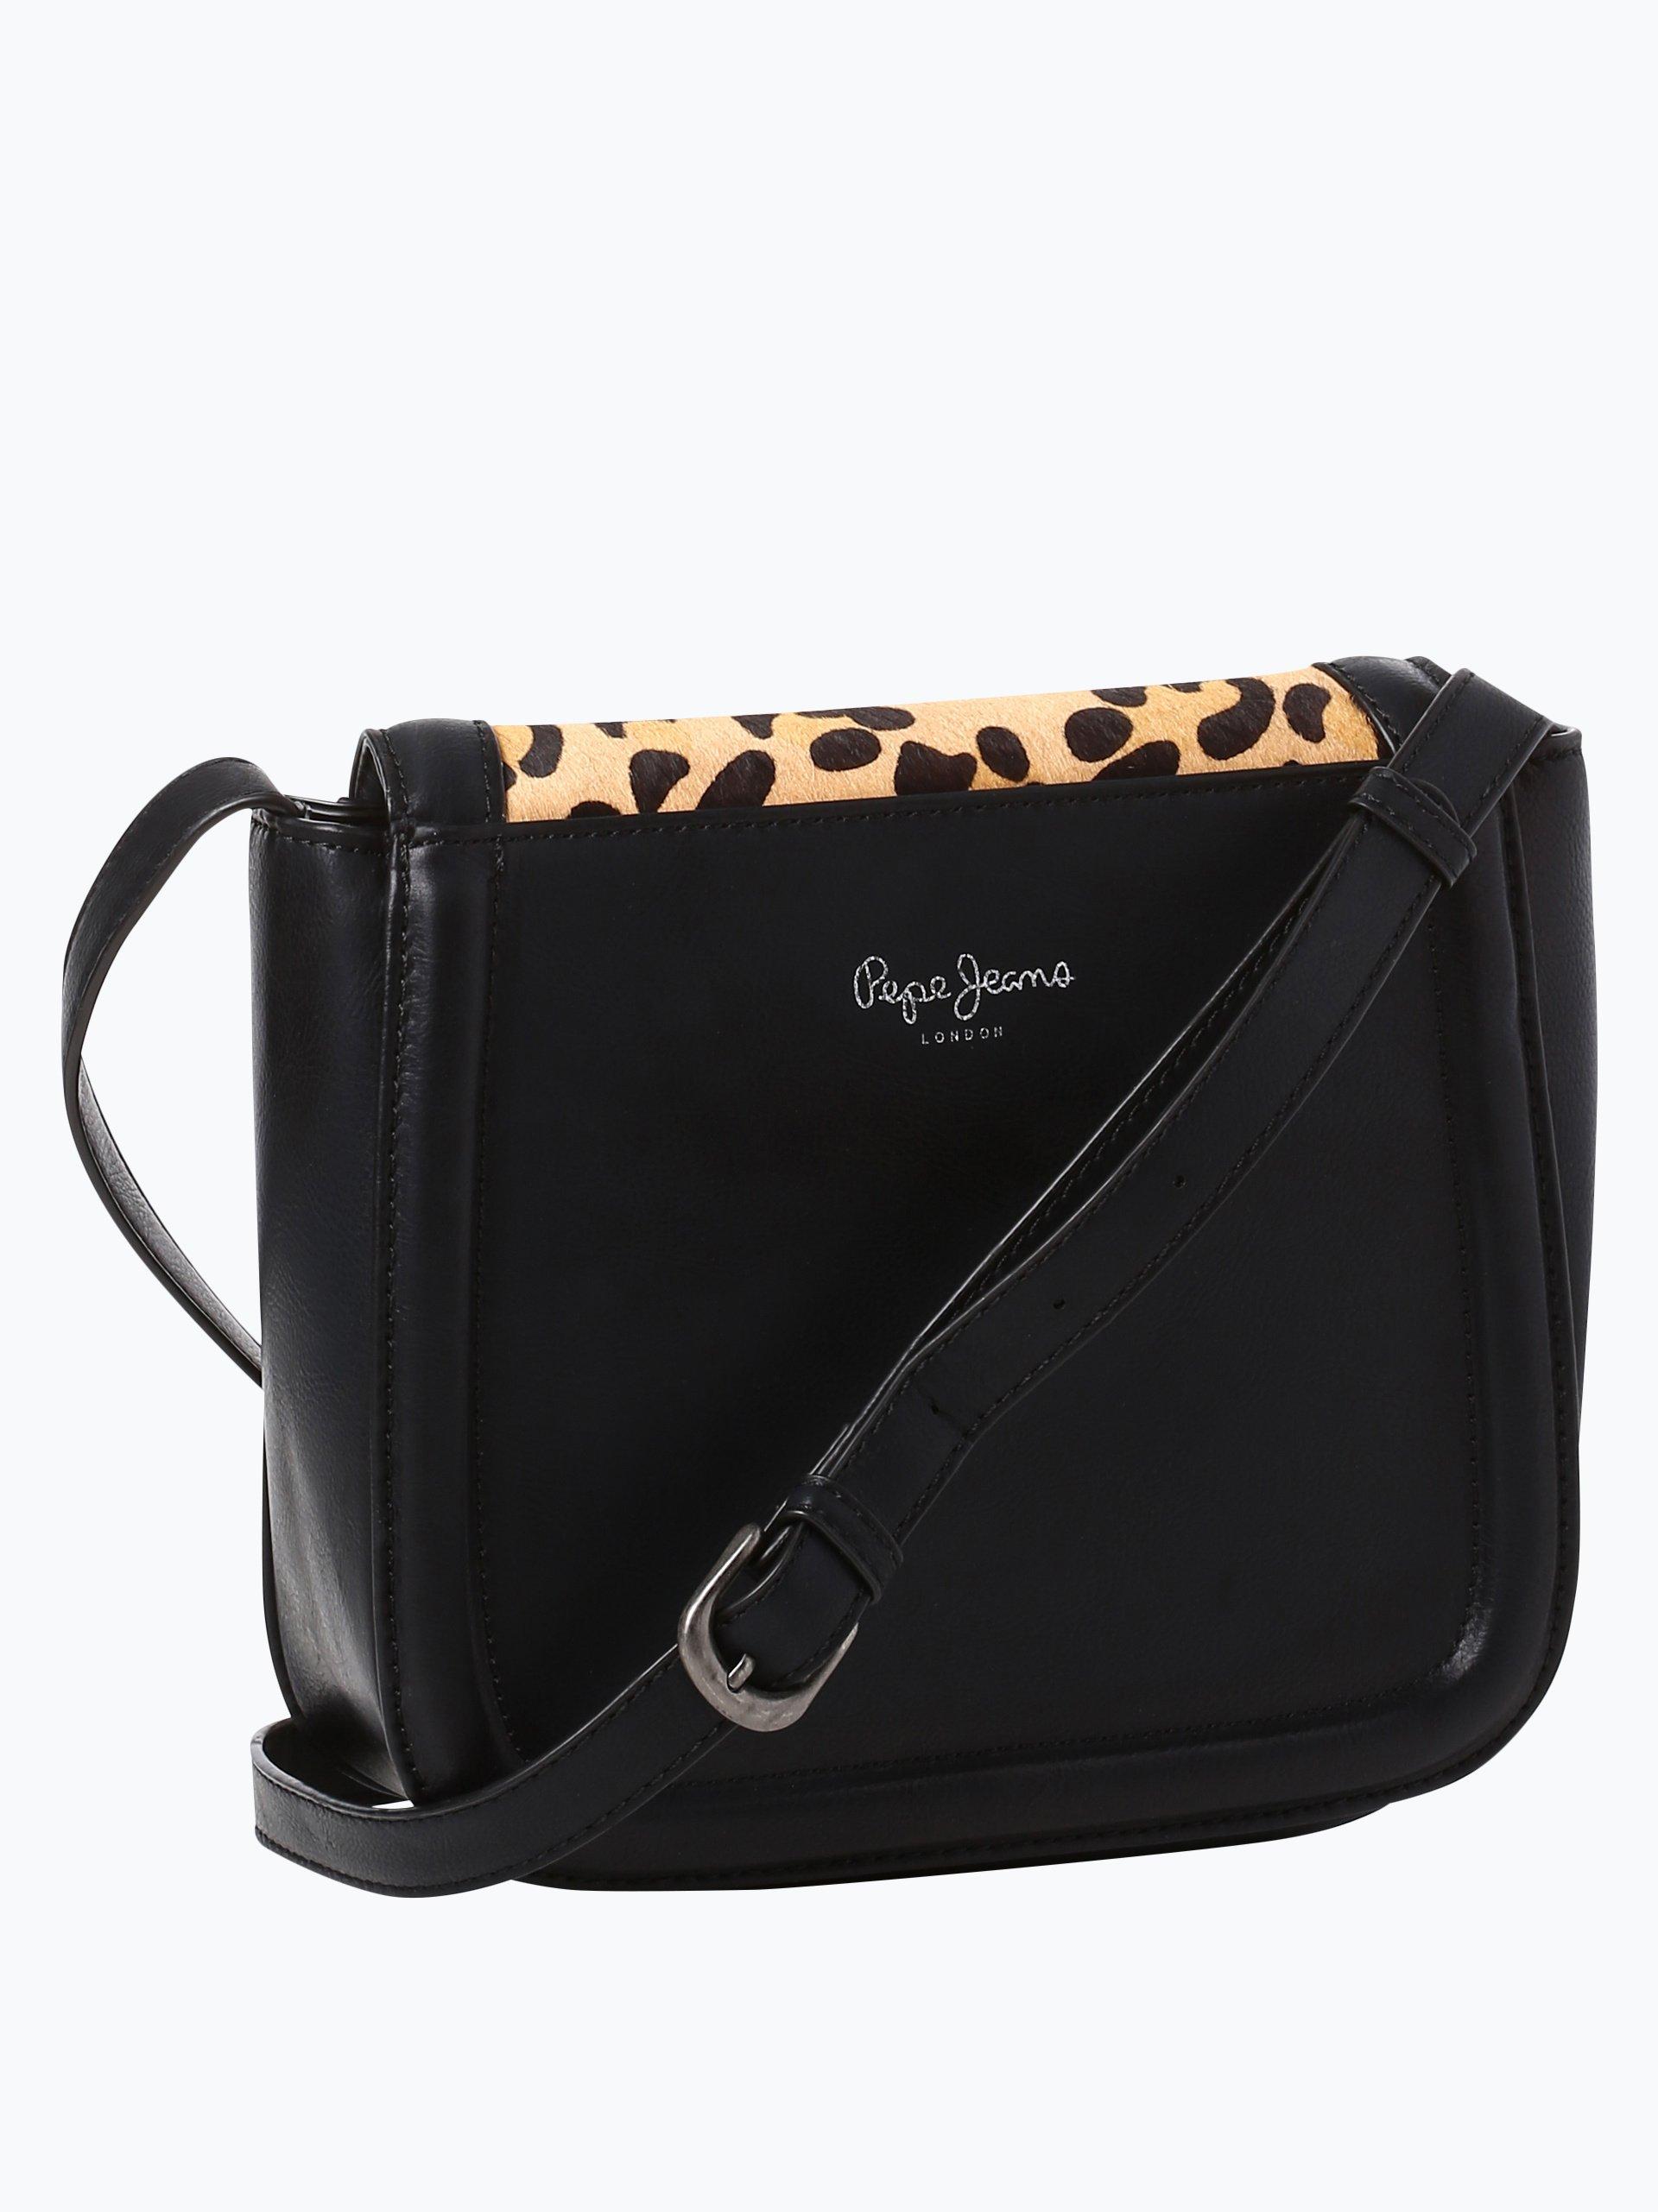 pepe jeans damen handtasche mit leder anteil taty bag. Black Bedroom Furniture Sets. Home Design Ideas